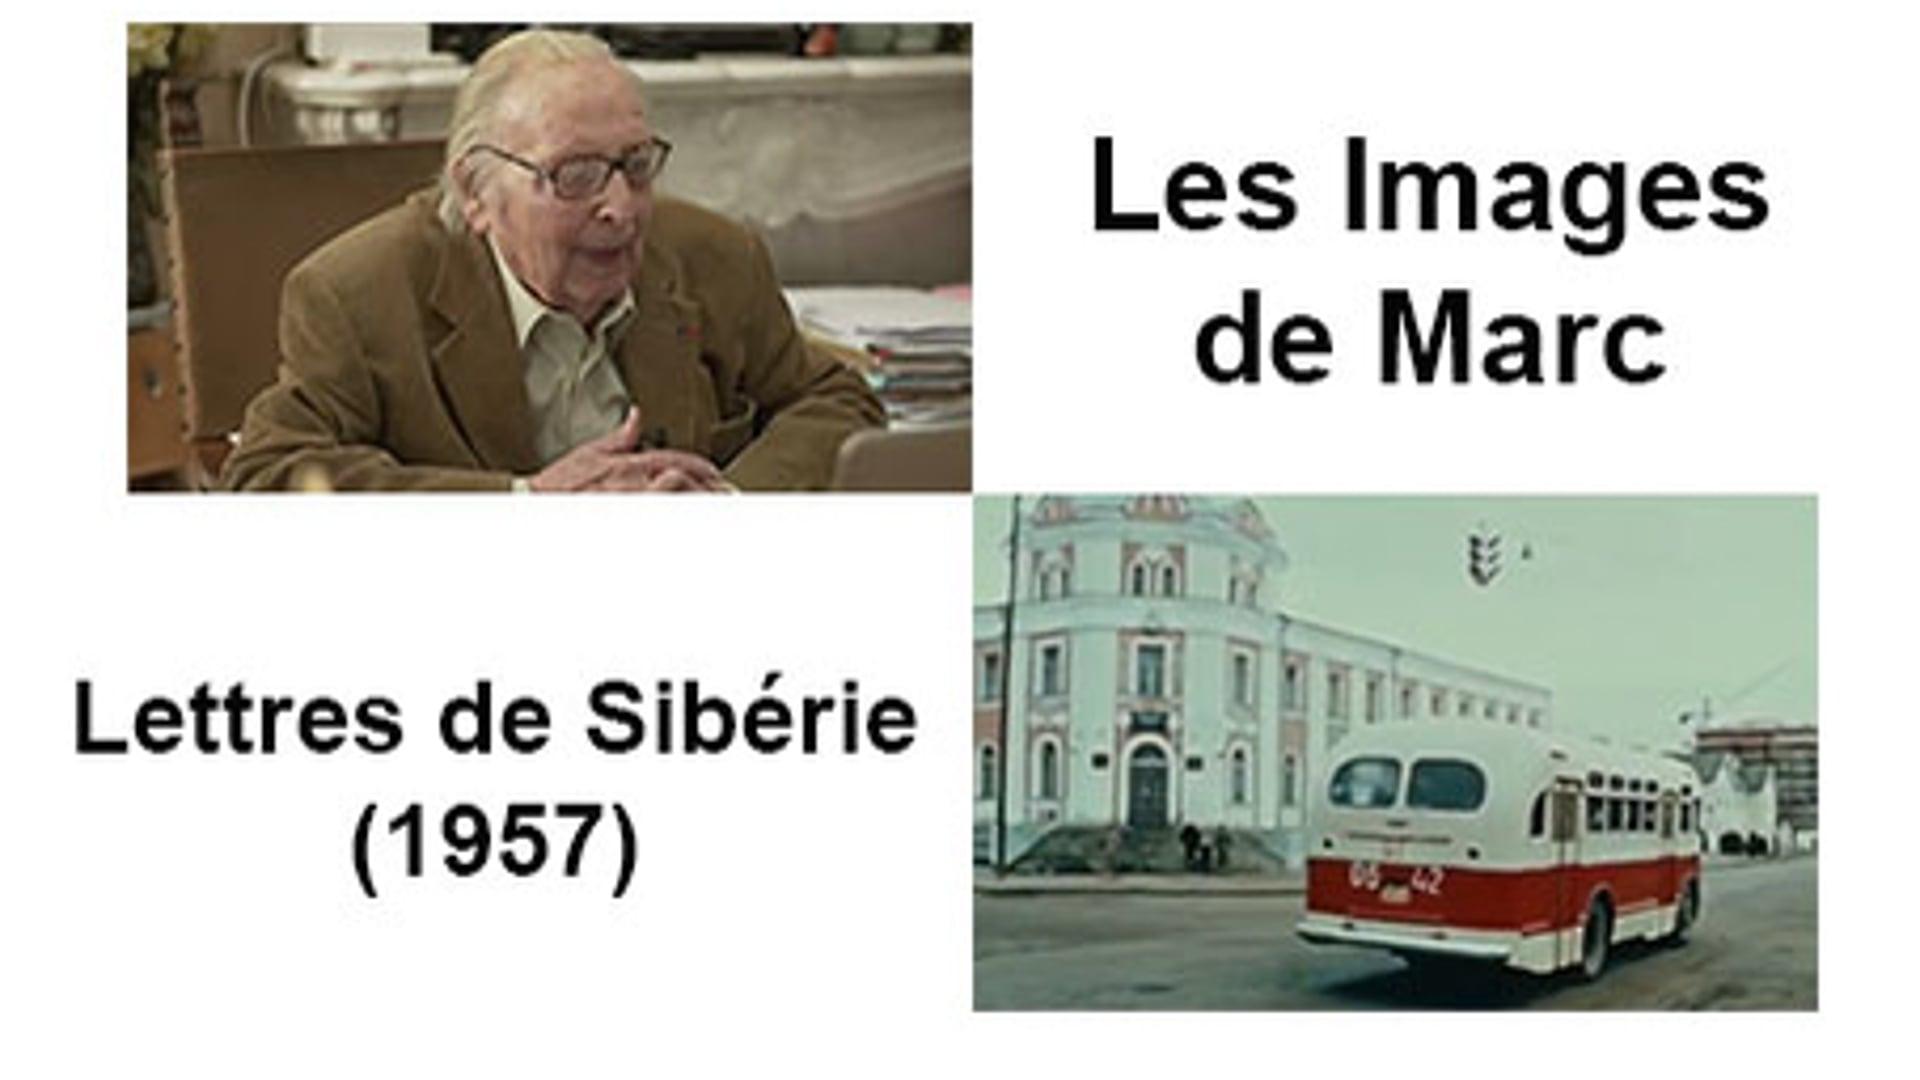 Lettres de Sibérie (1957)